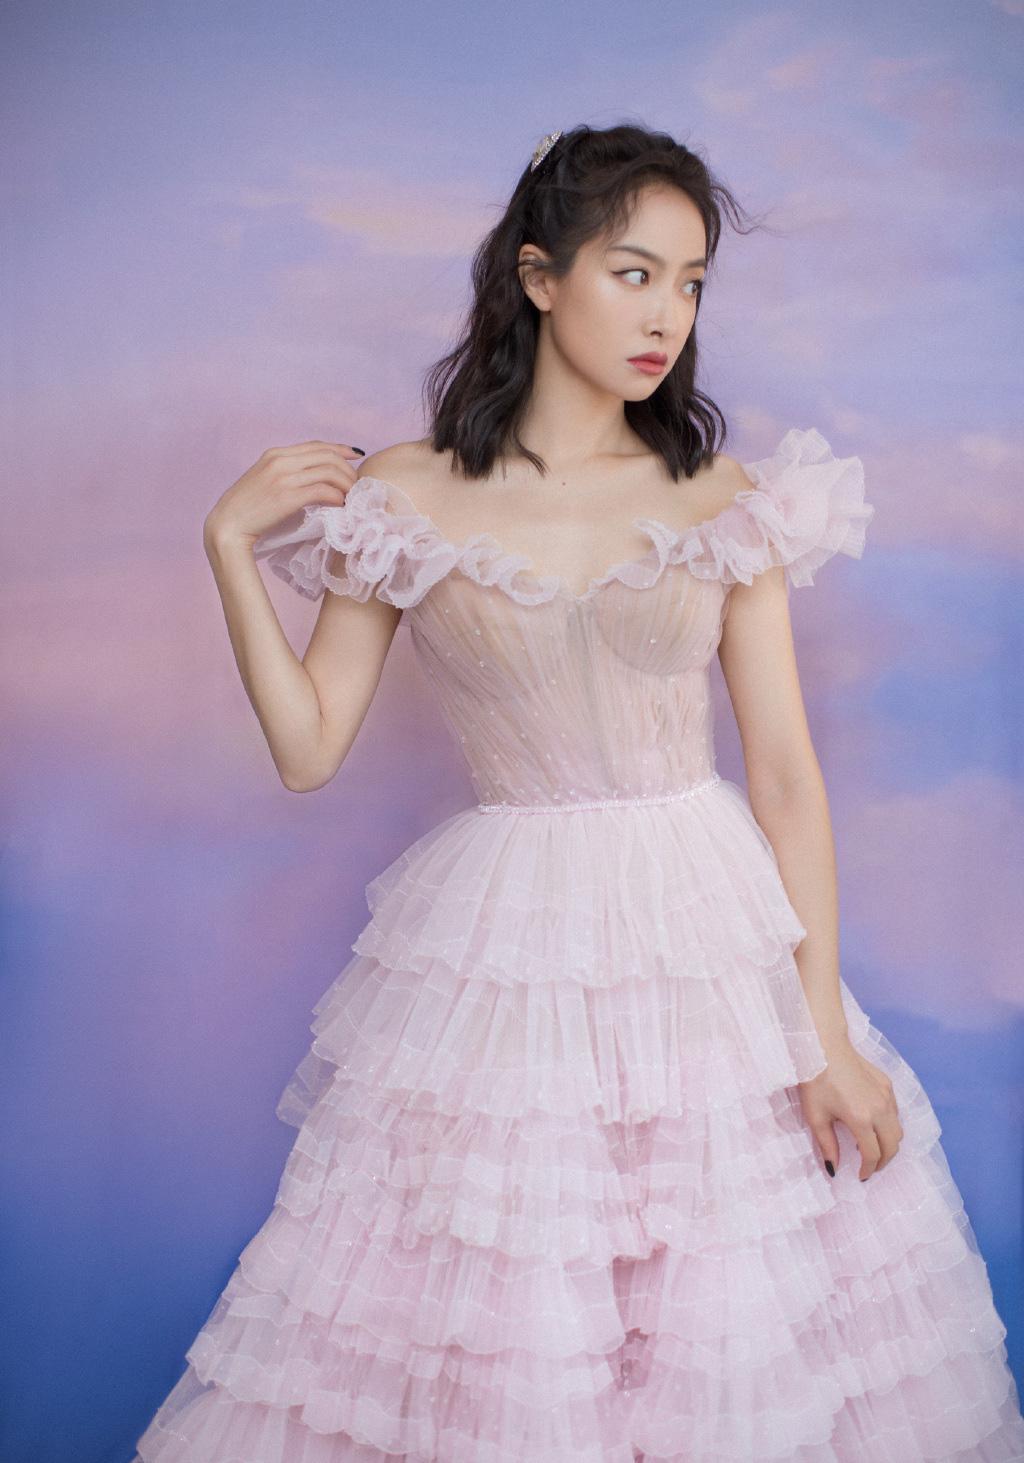 Nữ thần Kim Ưng Tống Thiến cùng chọn thương hiệu váy giống Phạm Băng Băng: Người xinh như tiên tử, người mặc lên nhìn như hàng chợ 10